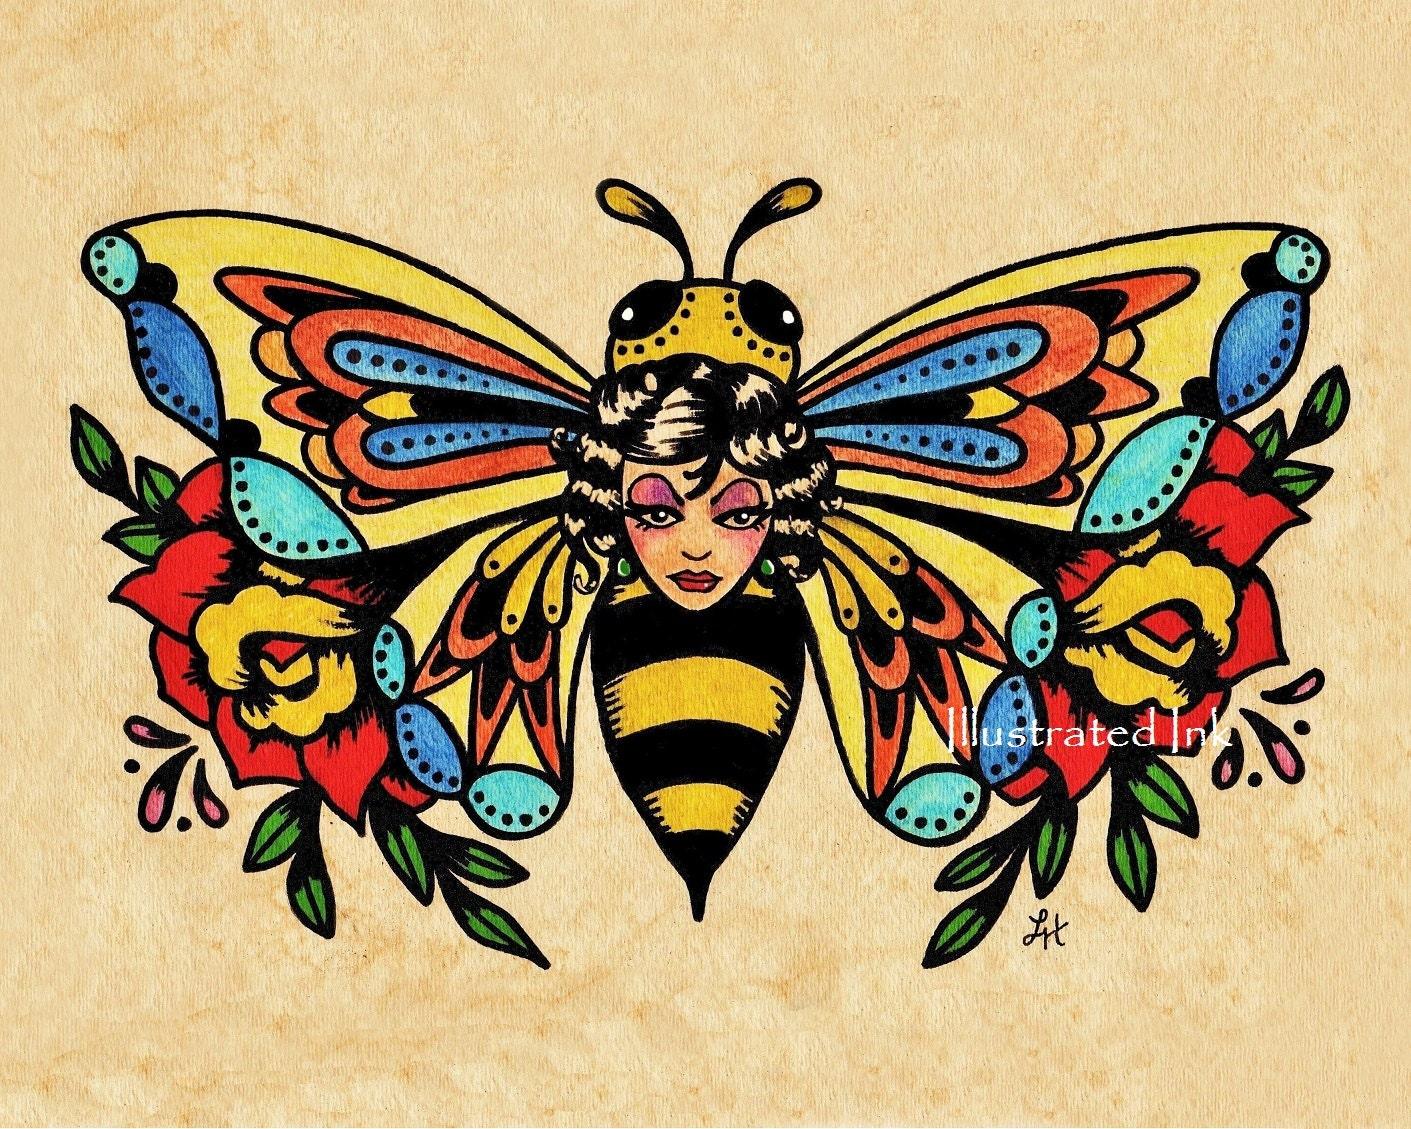 Old School Tattoo Art BEE Beauty Butterfly Print 5 x 7 8 x 10